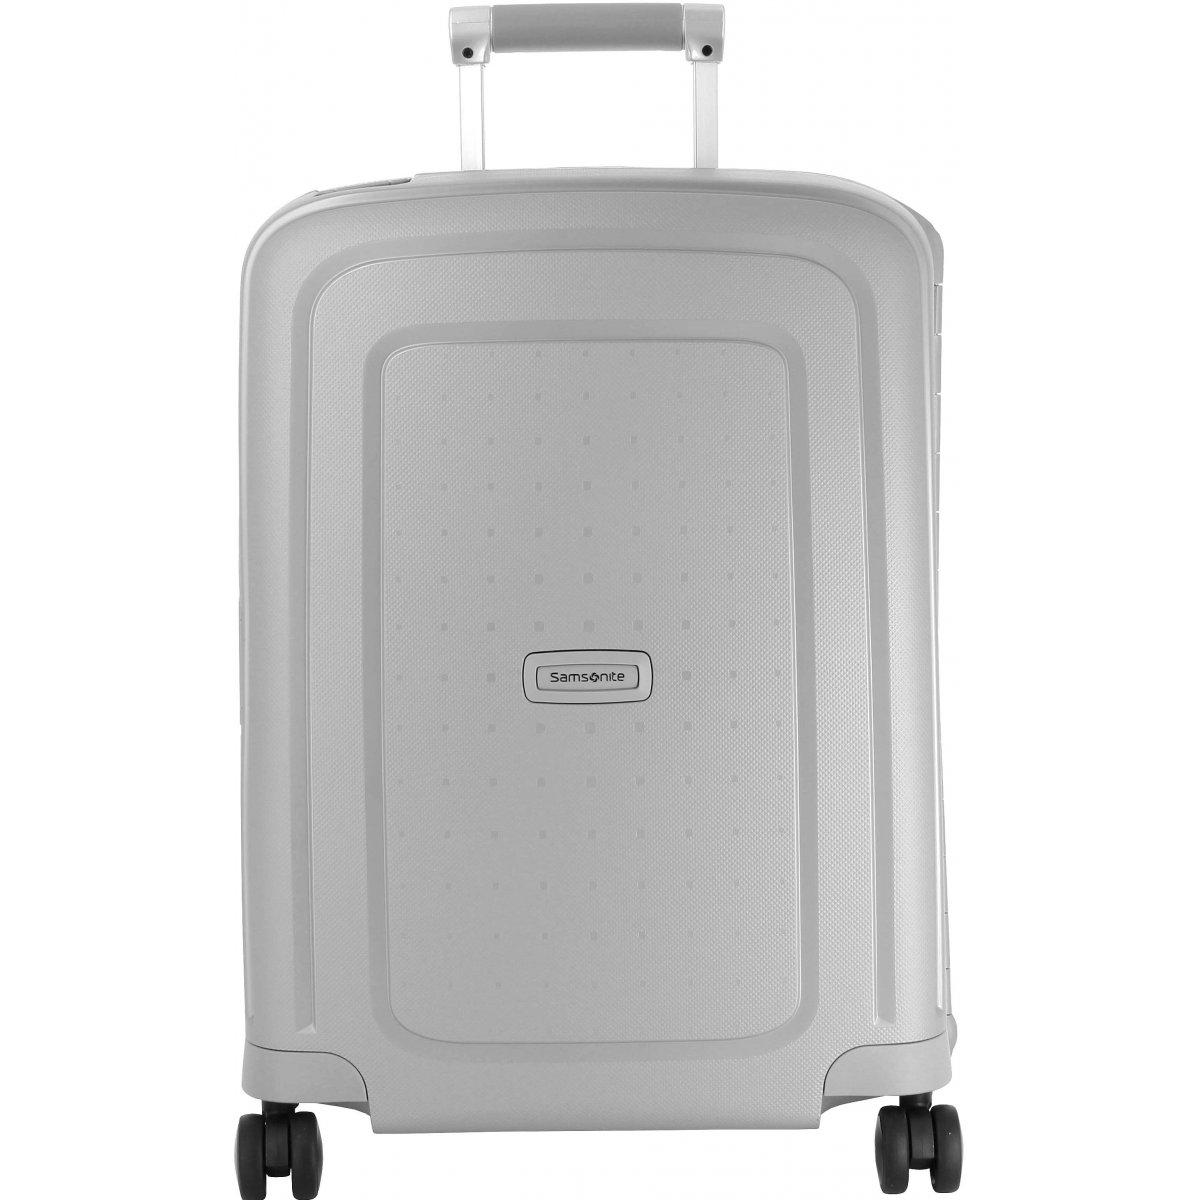 valise cabine samsonite scure spinner 55 cm scure39 couleur principale silver solde. Black Bedroom Furniture Sets. Home Design Ideas